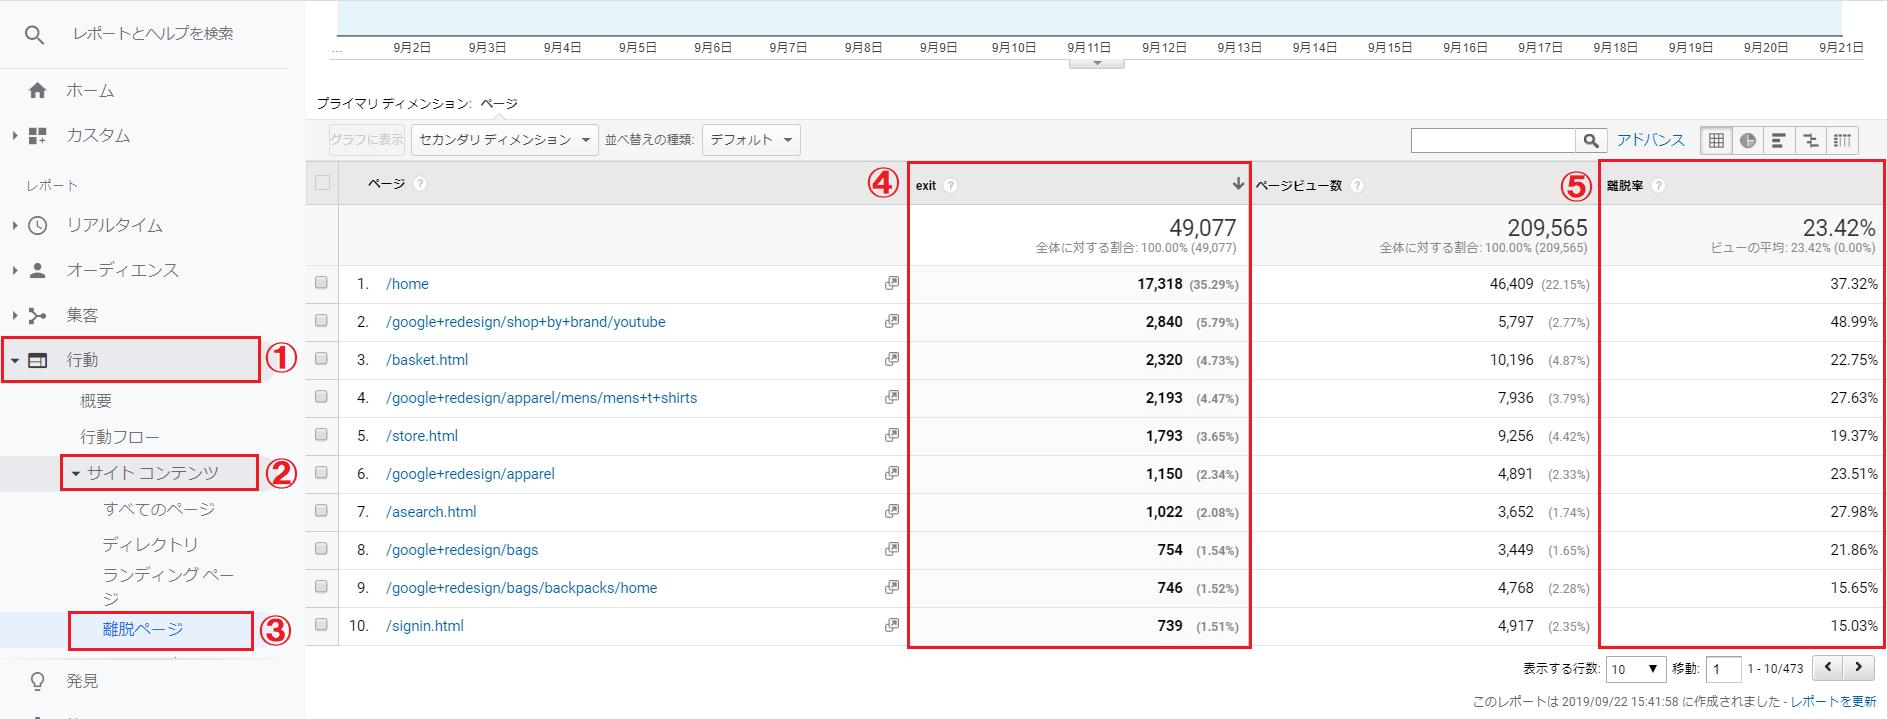 ユーザーが離脱したページを確認する